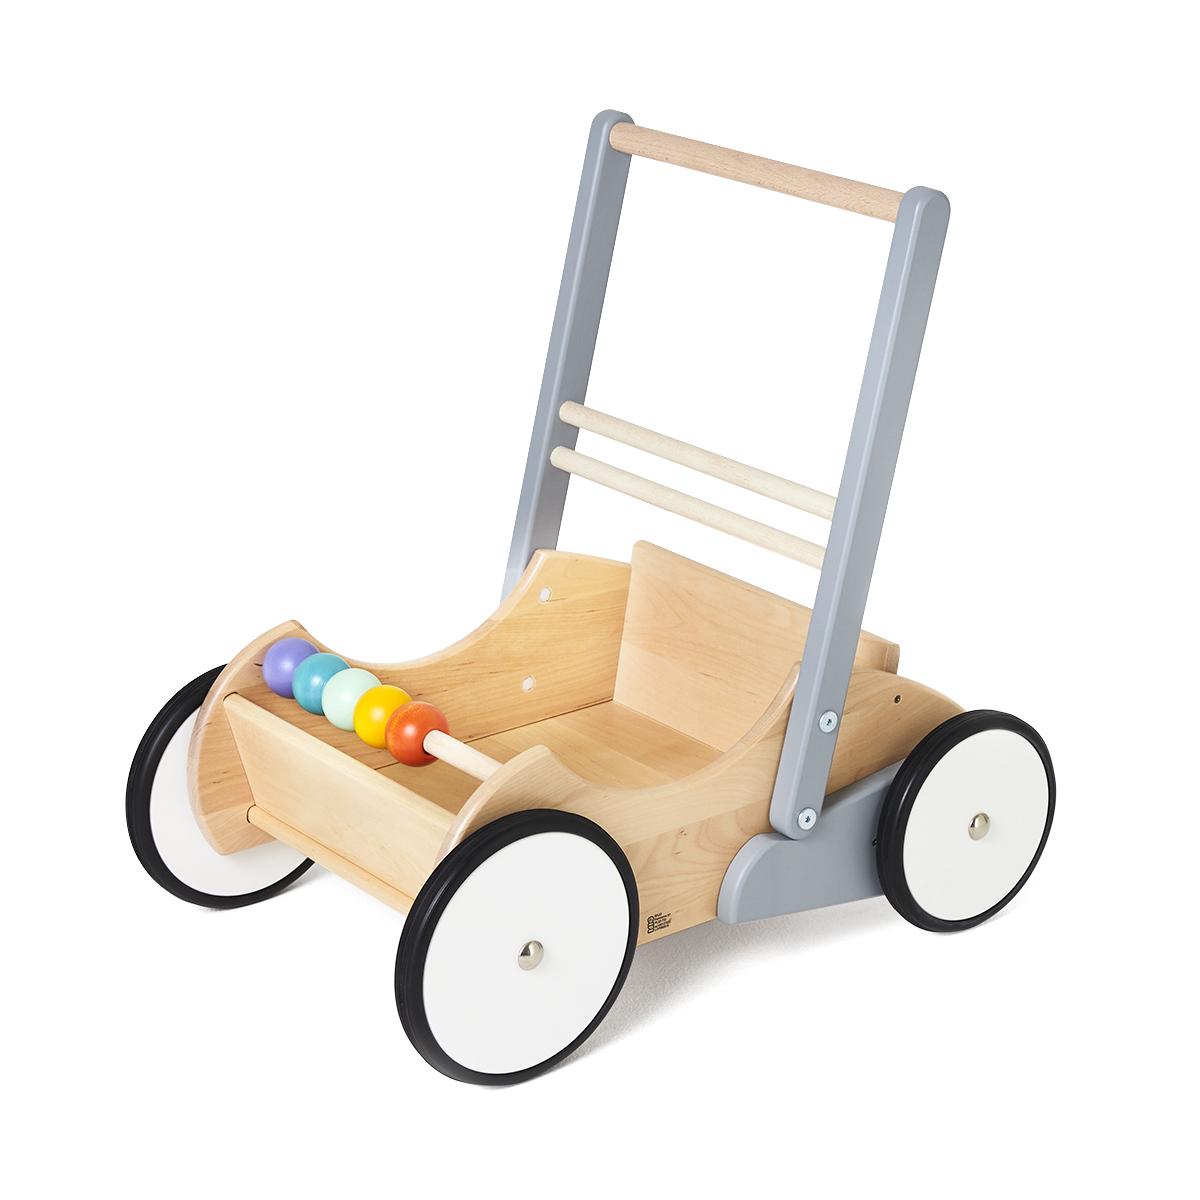 1歳のお子様へ、温かみのある木製遊具を贈りませんか